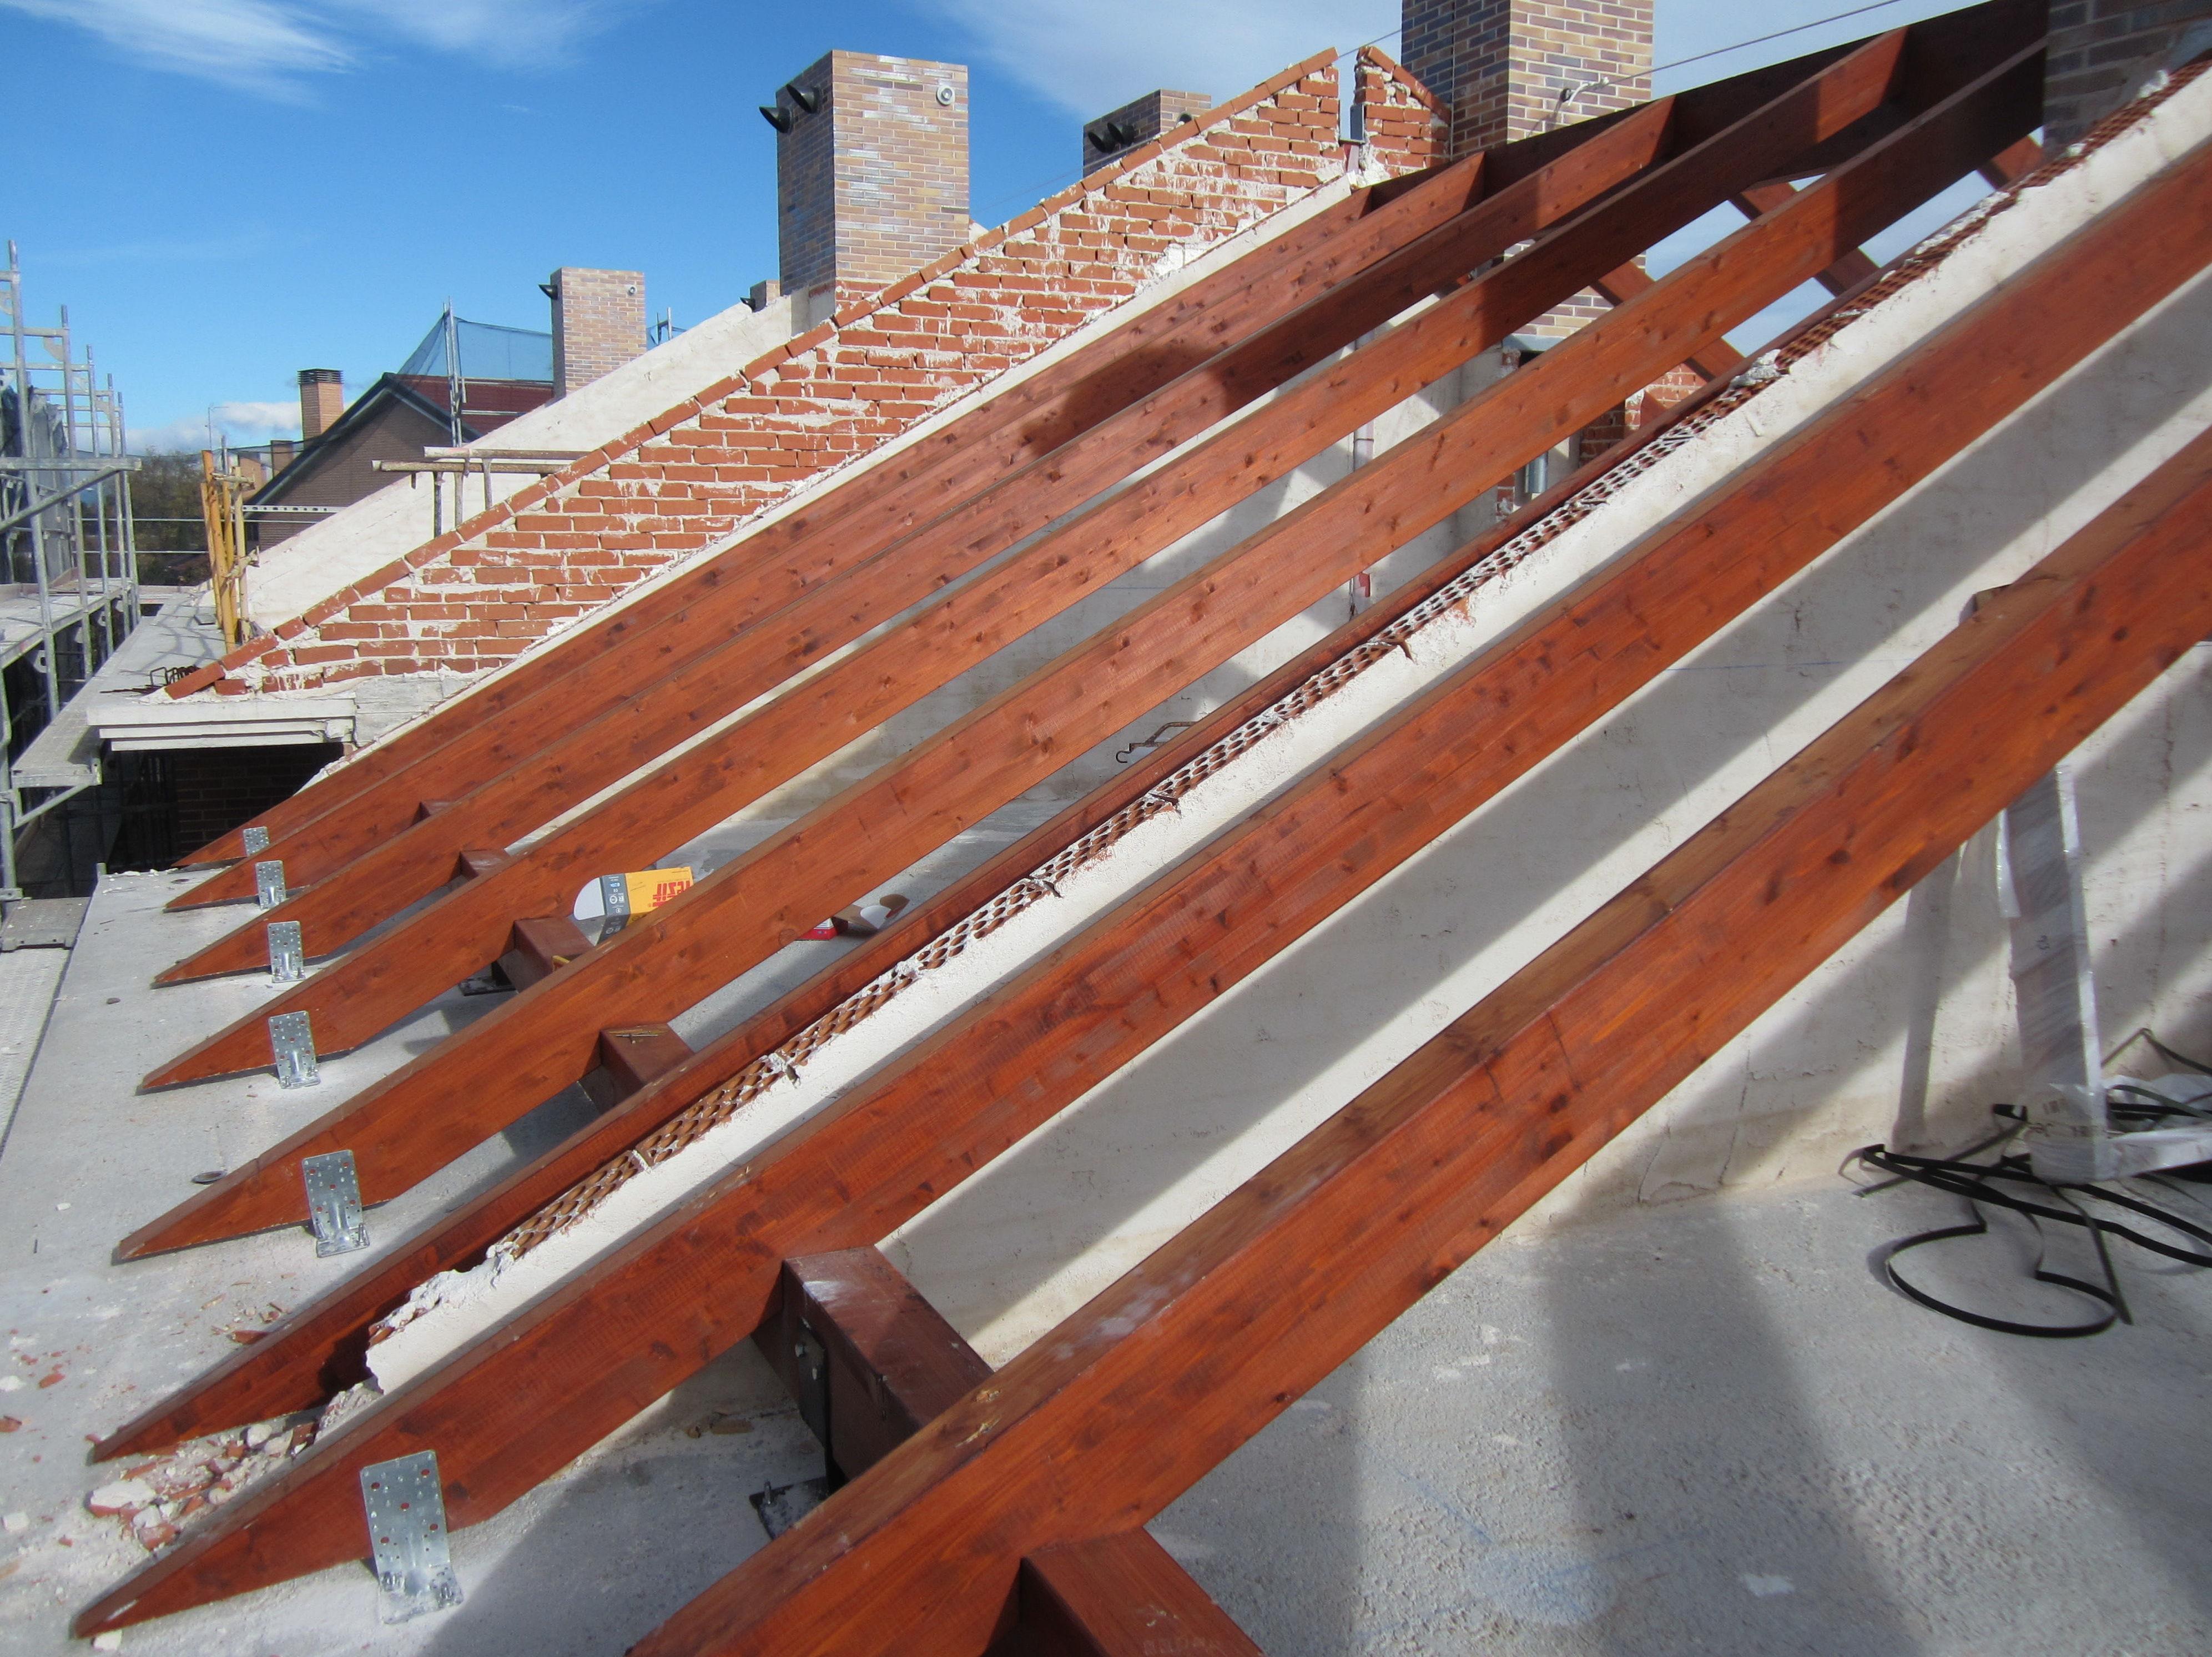 Estructuras de madera para tejados egursll tejados y estructuras en madera zurezko teilatuak - Estructuras de madera para tejados ...